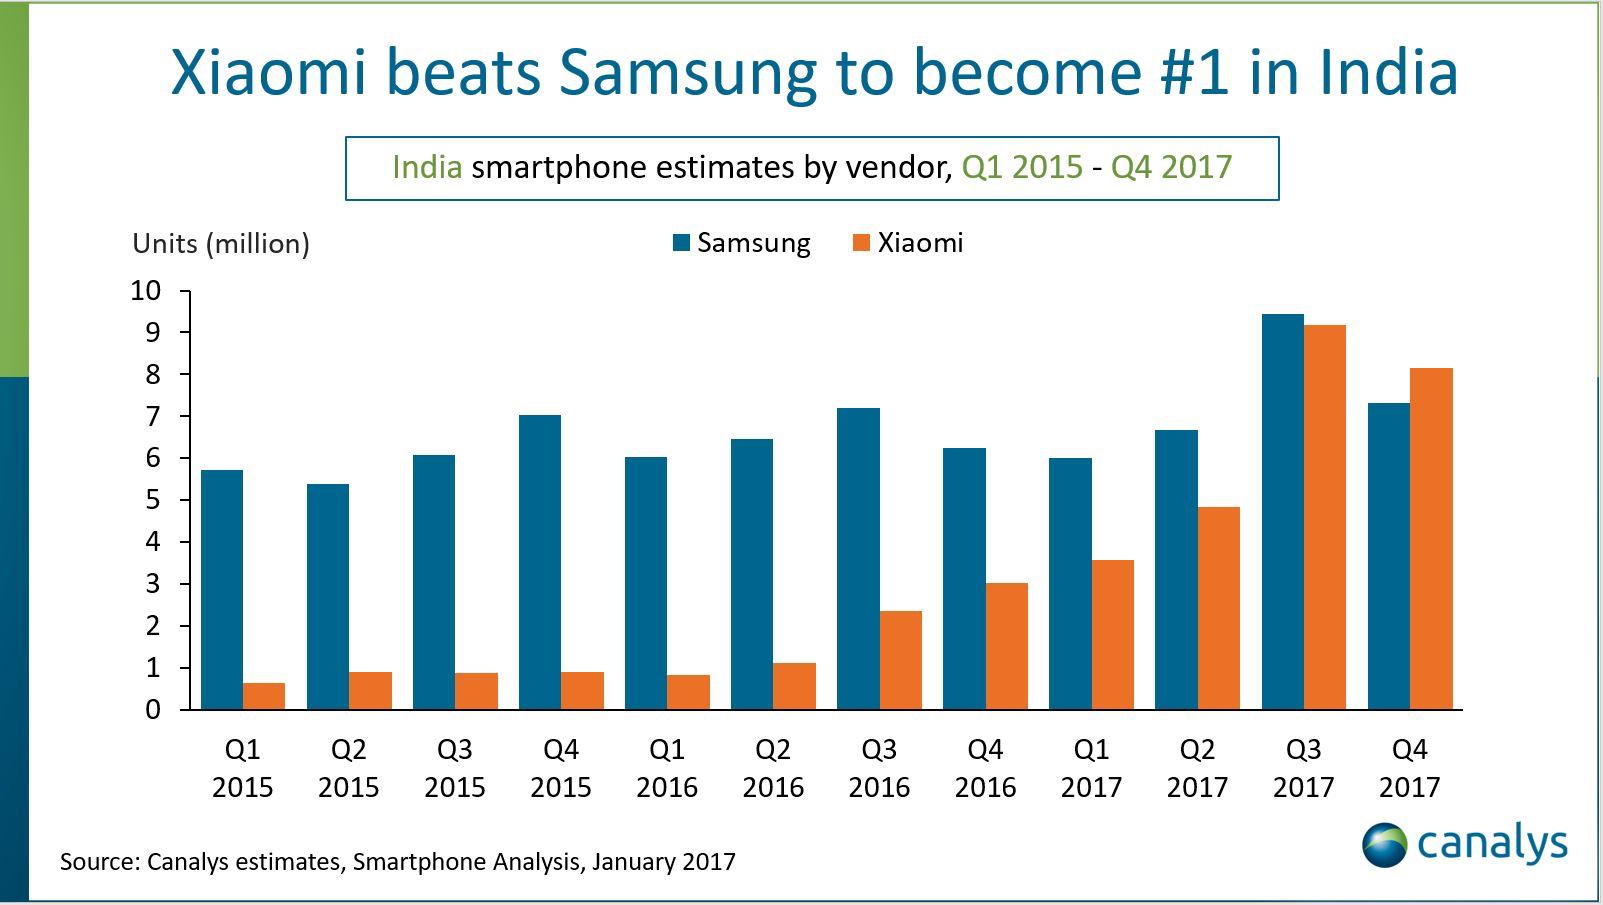 小米超越三星,成印度智能手机市场第一